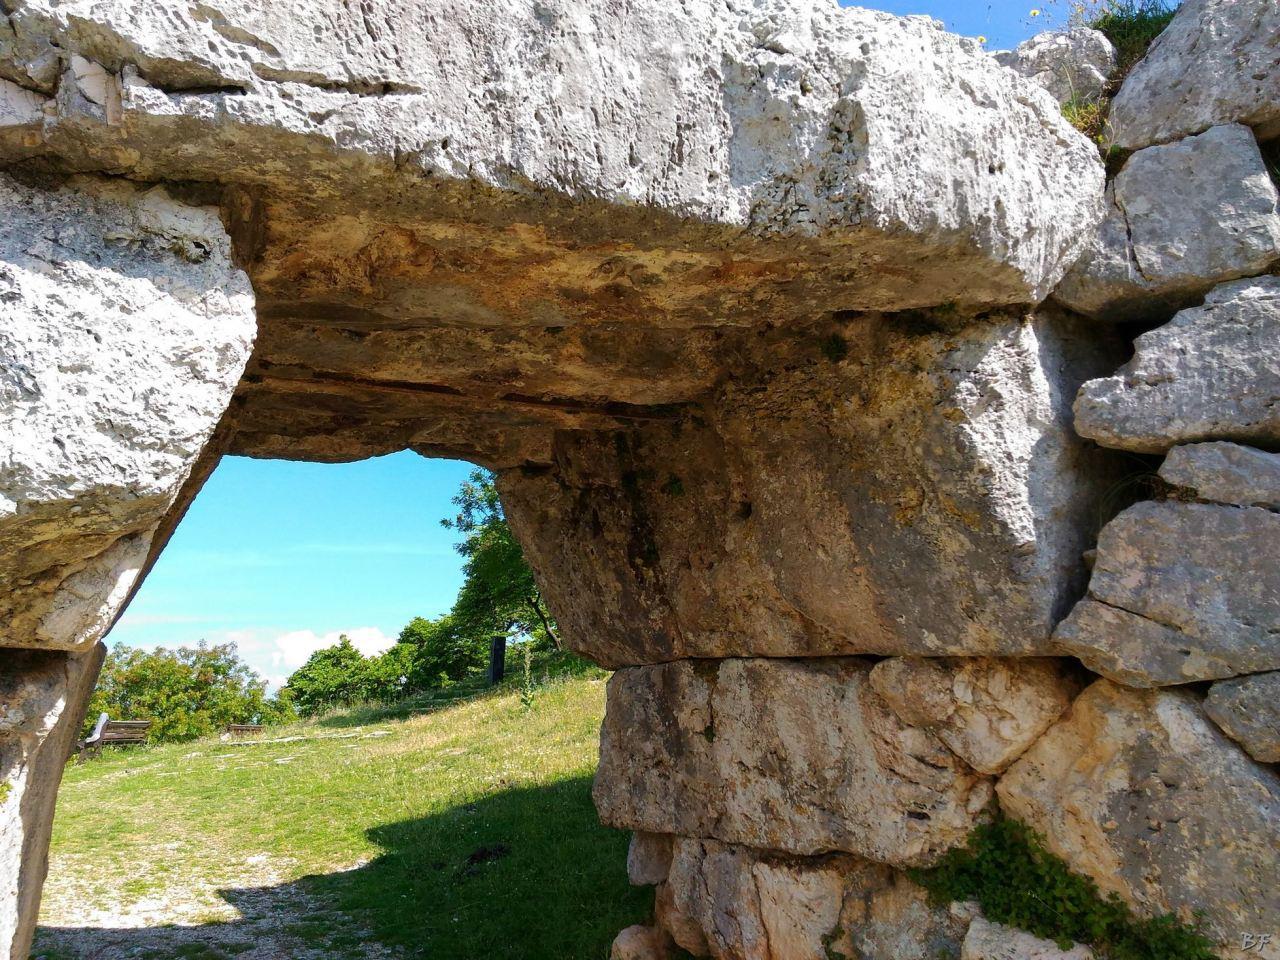 Signia-Mura-Poligonali-Megalitiche-Segni-Roma-Lazio-Italia-21